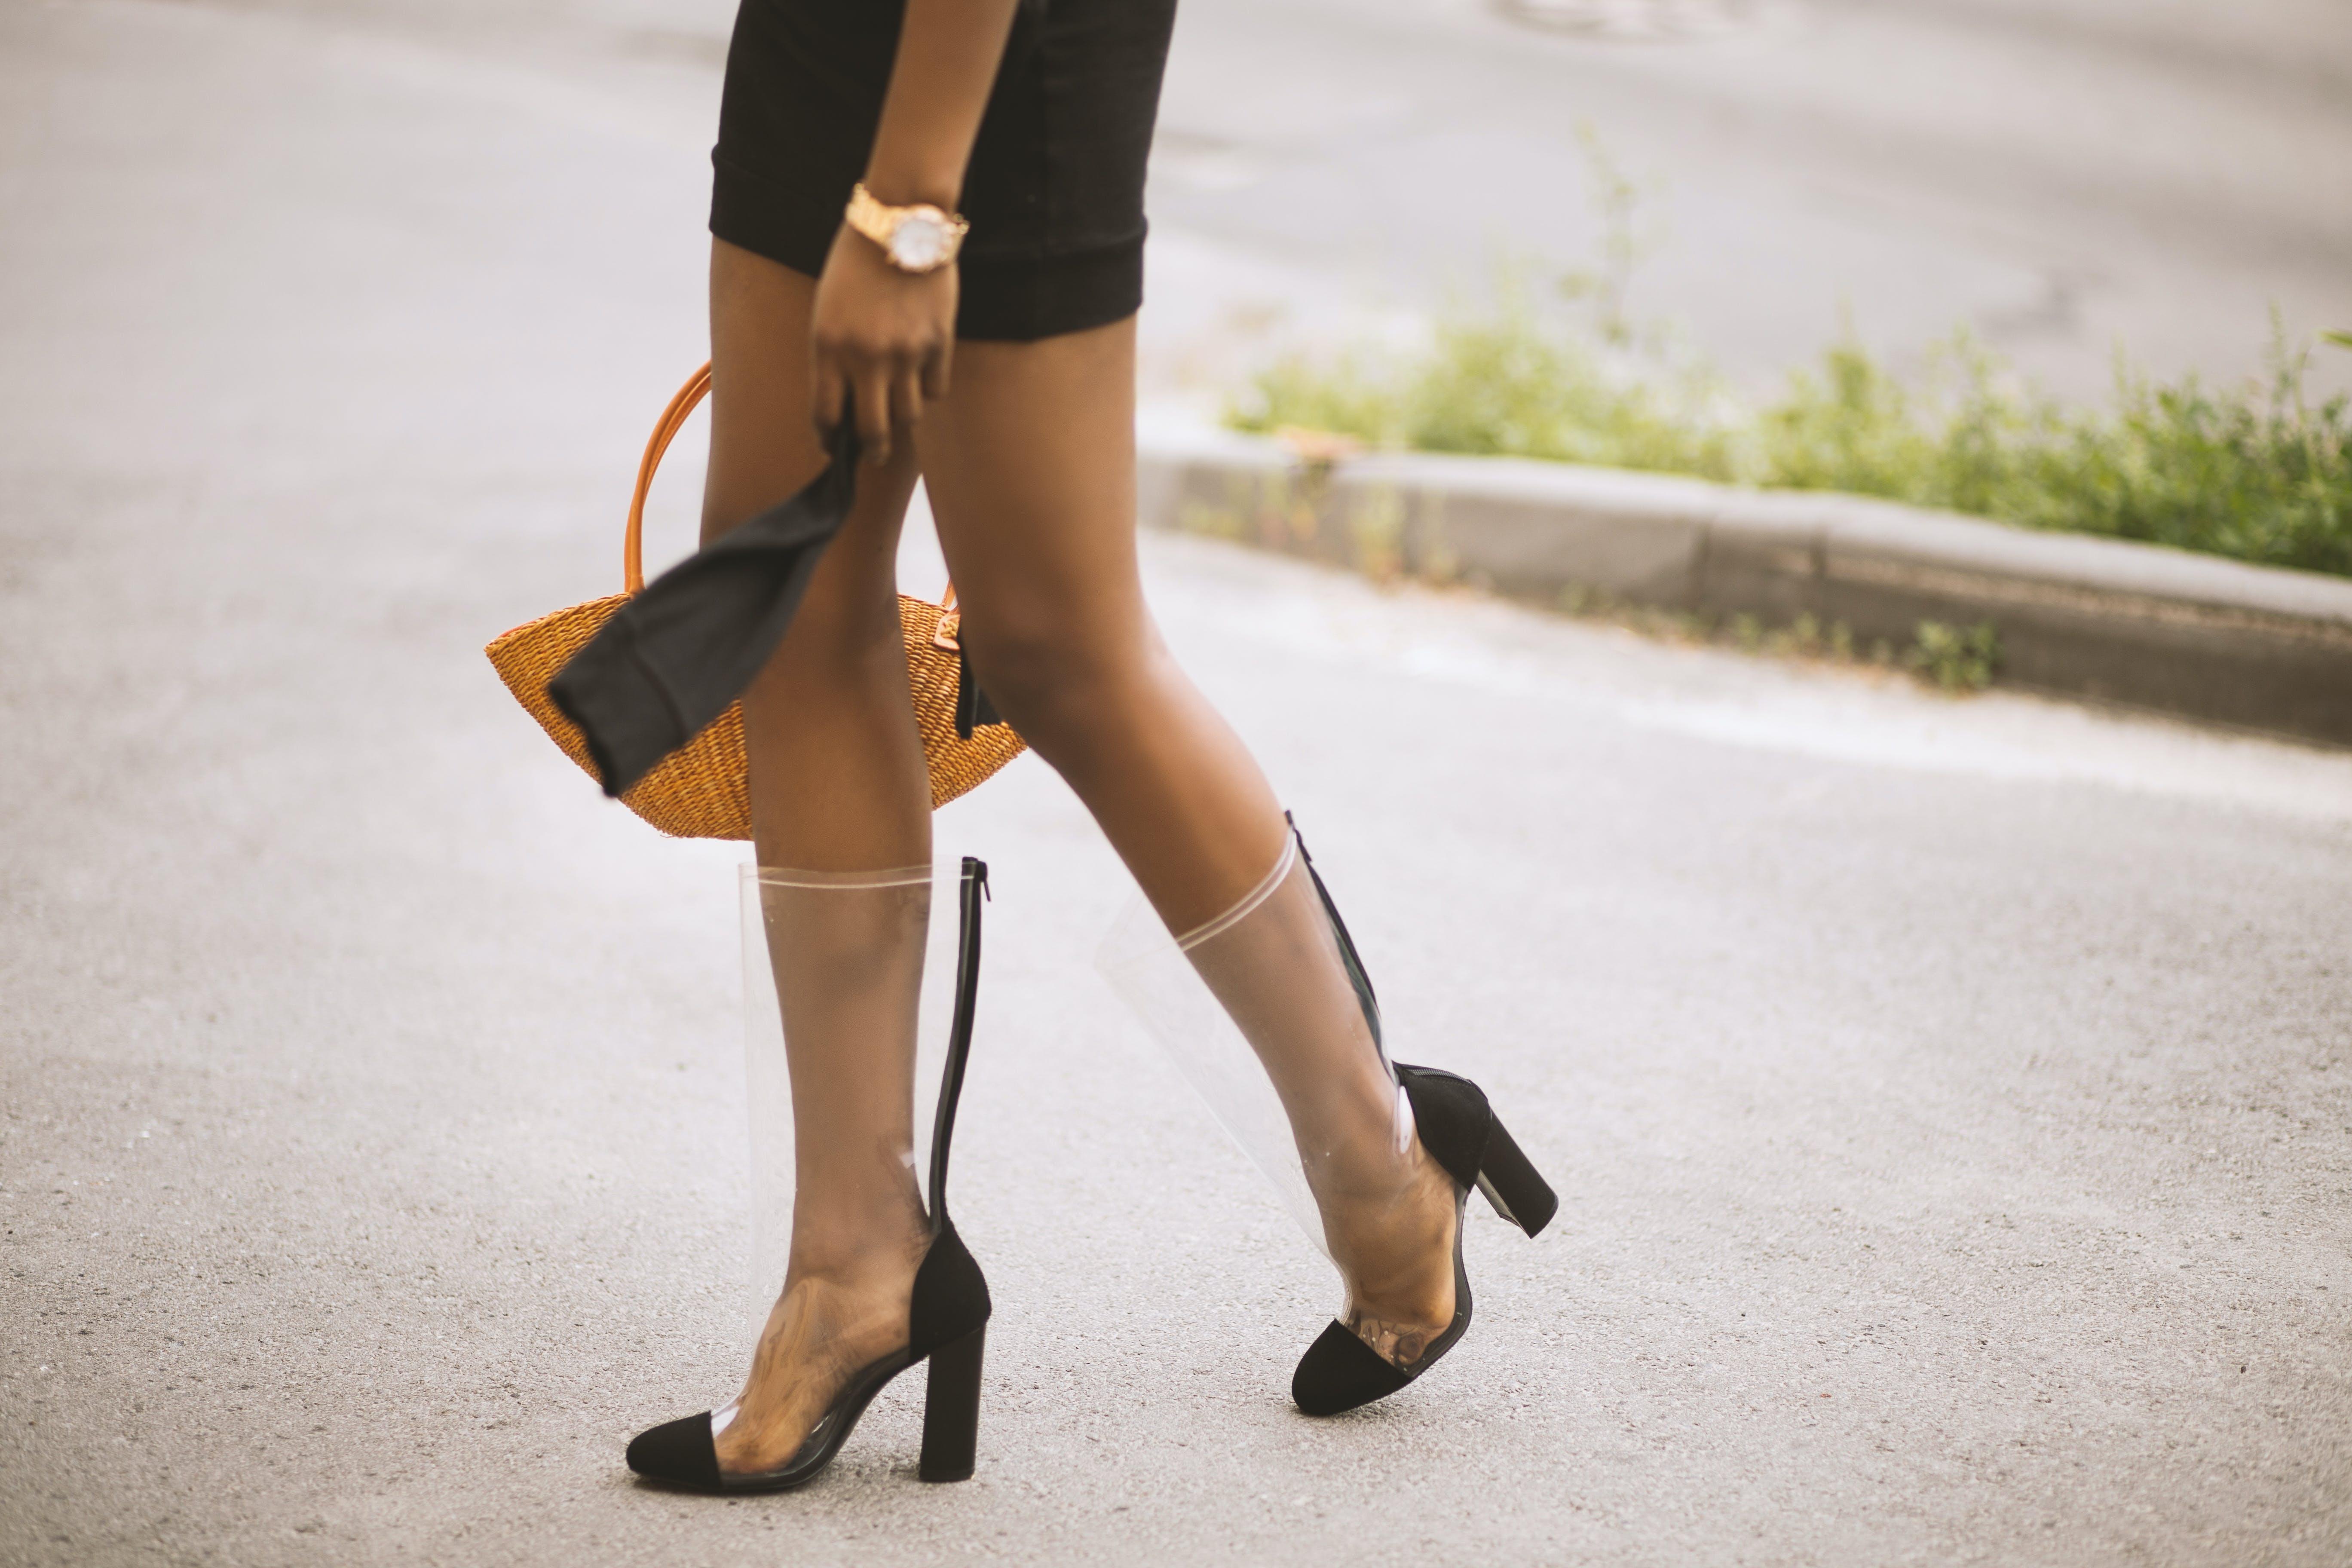 Free stock photo of fashion, legs, walking, steps